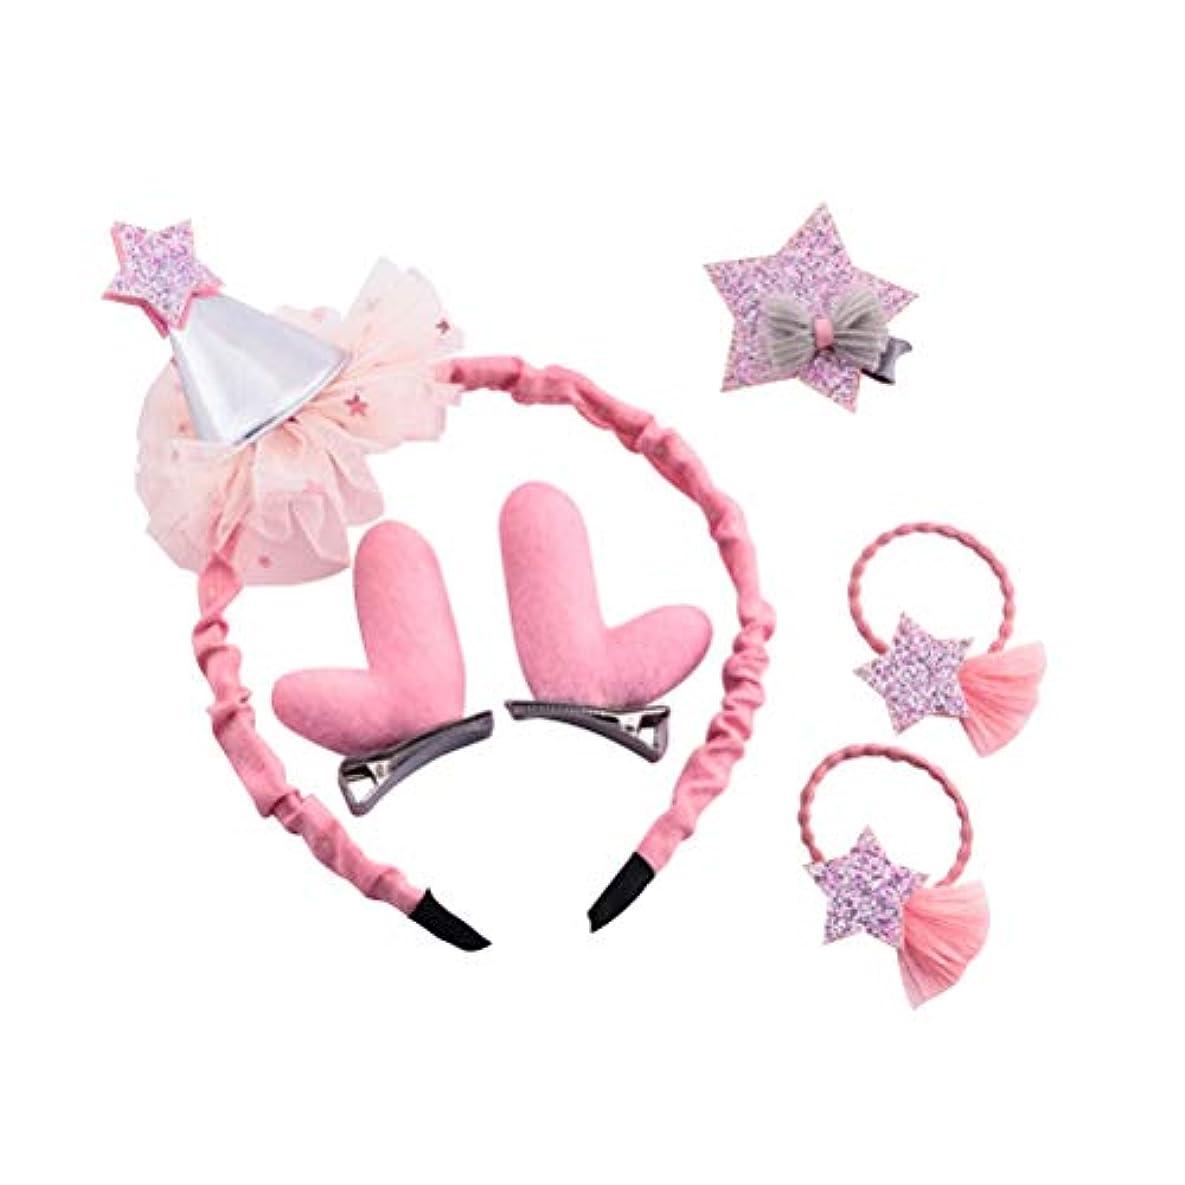 スパン破産びっくりしたBESTOYARD クリスマスの髪のアクセサリー帽子のレンダーの飾り飾りヘッドバンドのヘアクリップ女の子のためのピンバレッタの髪の弾性(ピンク)